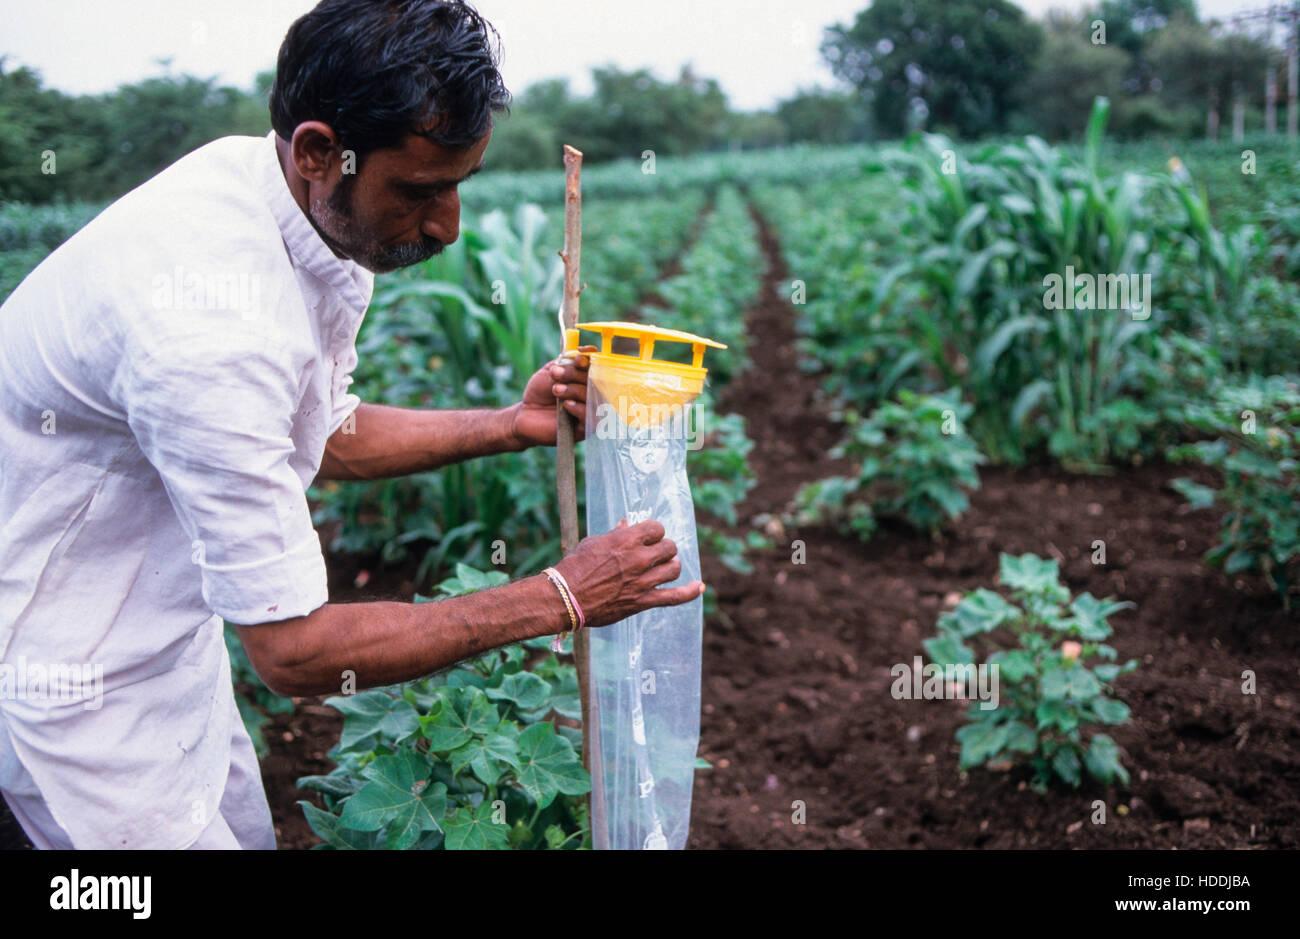 Indien, Madhya Pradesh, Kasrawad, Baumwolle aus biologischem Landbau, Landwirt mit feromon Falle für die biologische Stockbild